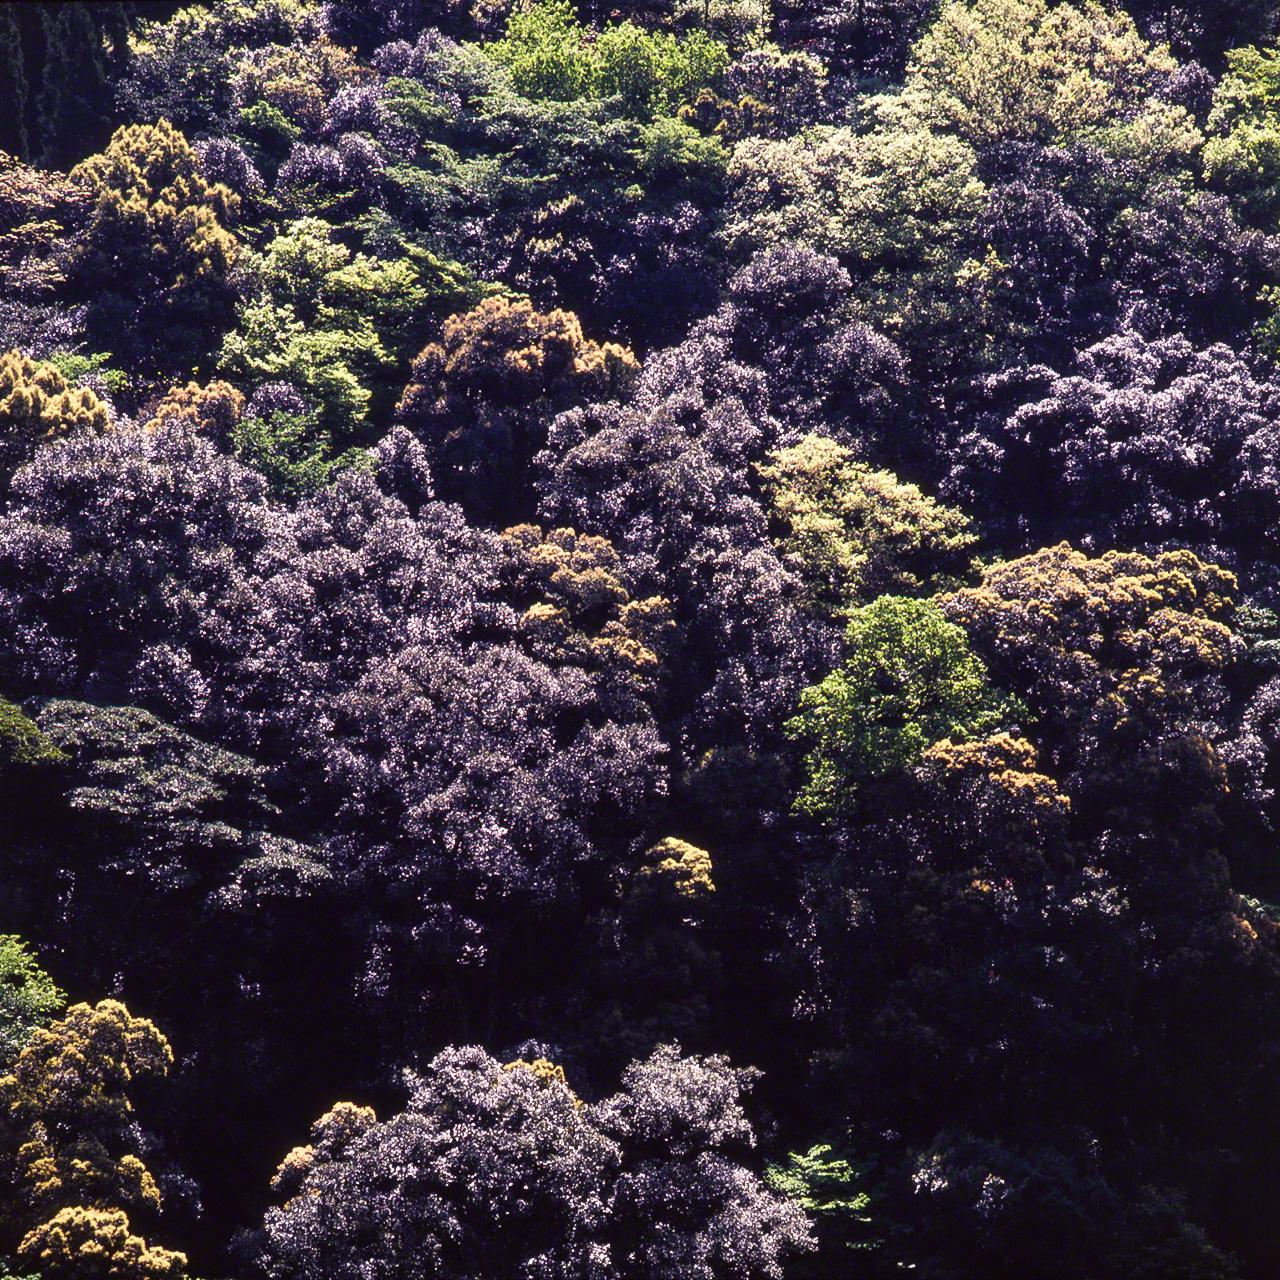 Итиигаси, разновидность Cyclobalanopsis. В период появления новых листьев они ярко сверкают на этом дереве при определённом освещении